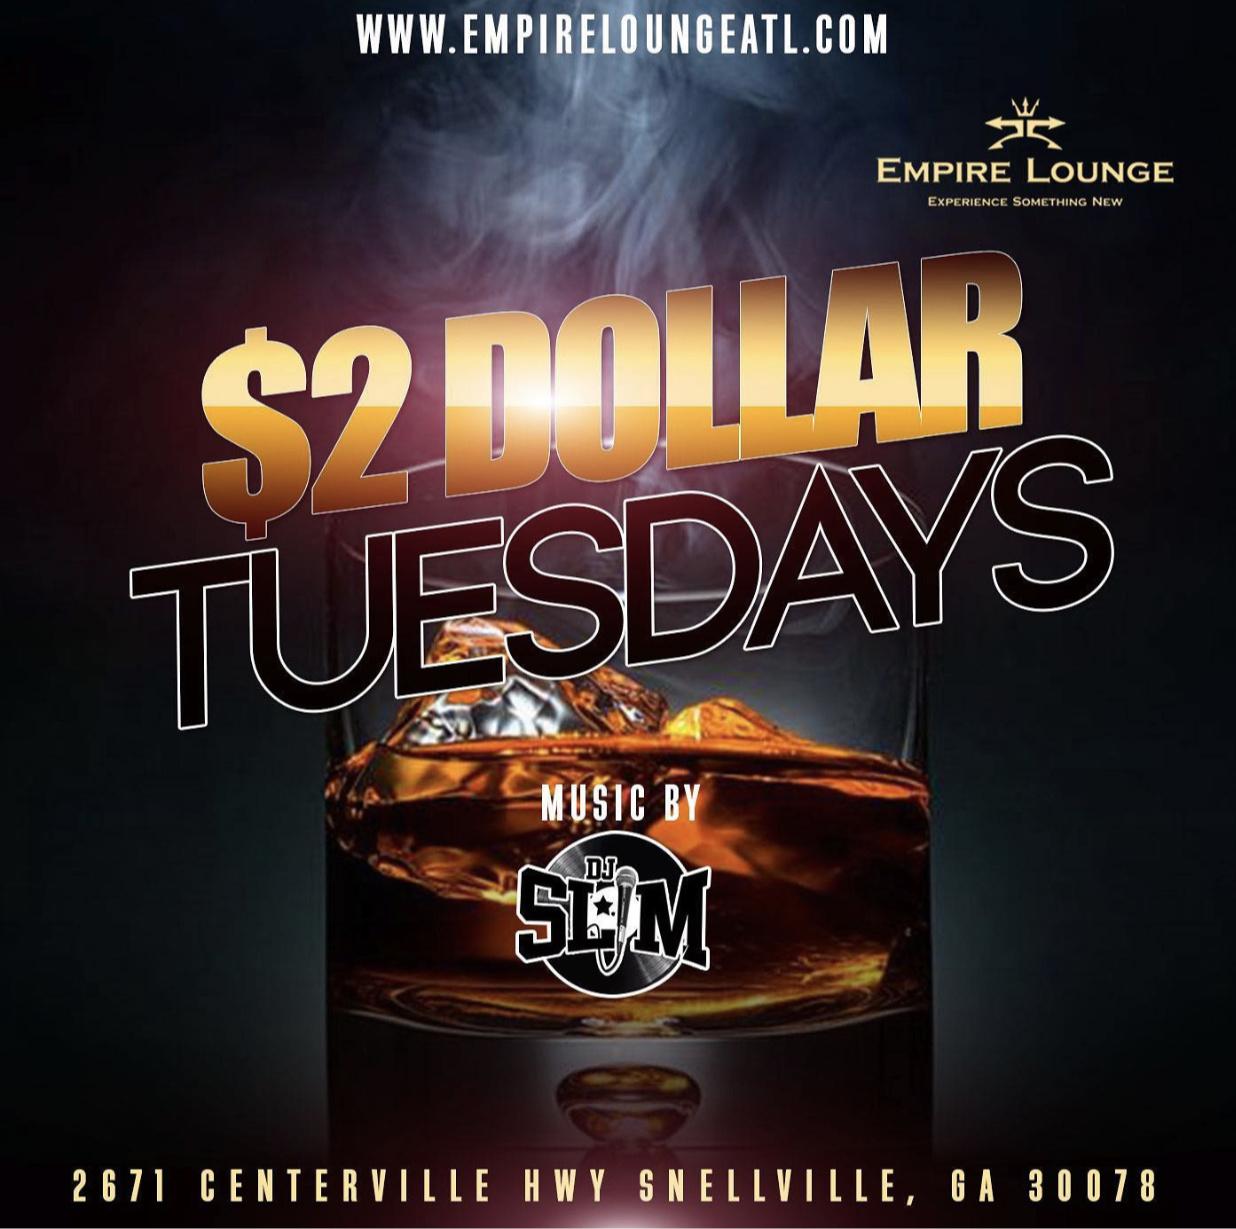 $2 Dollar Tuesdays